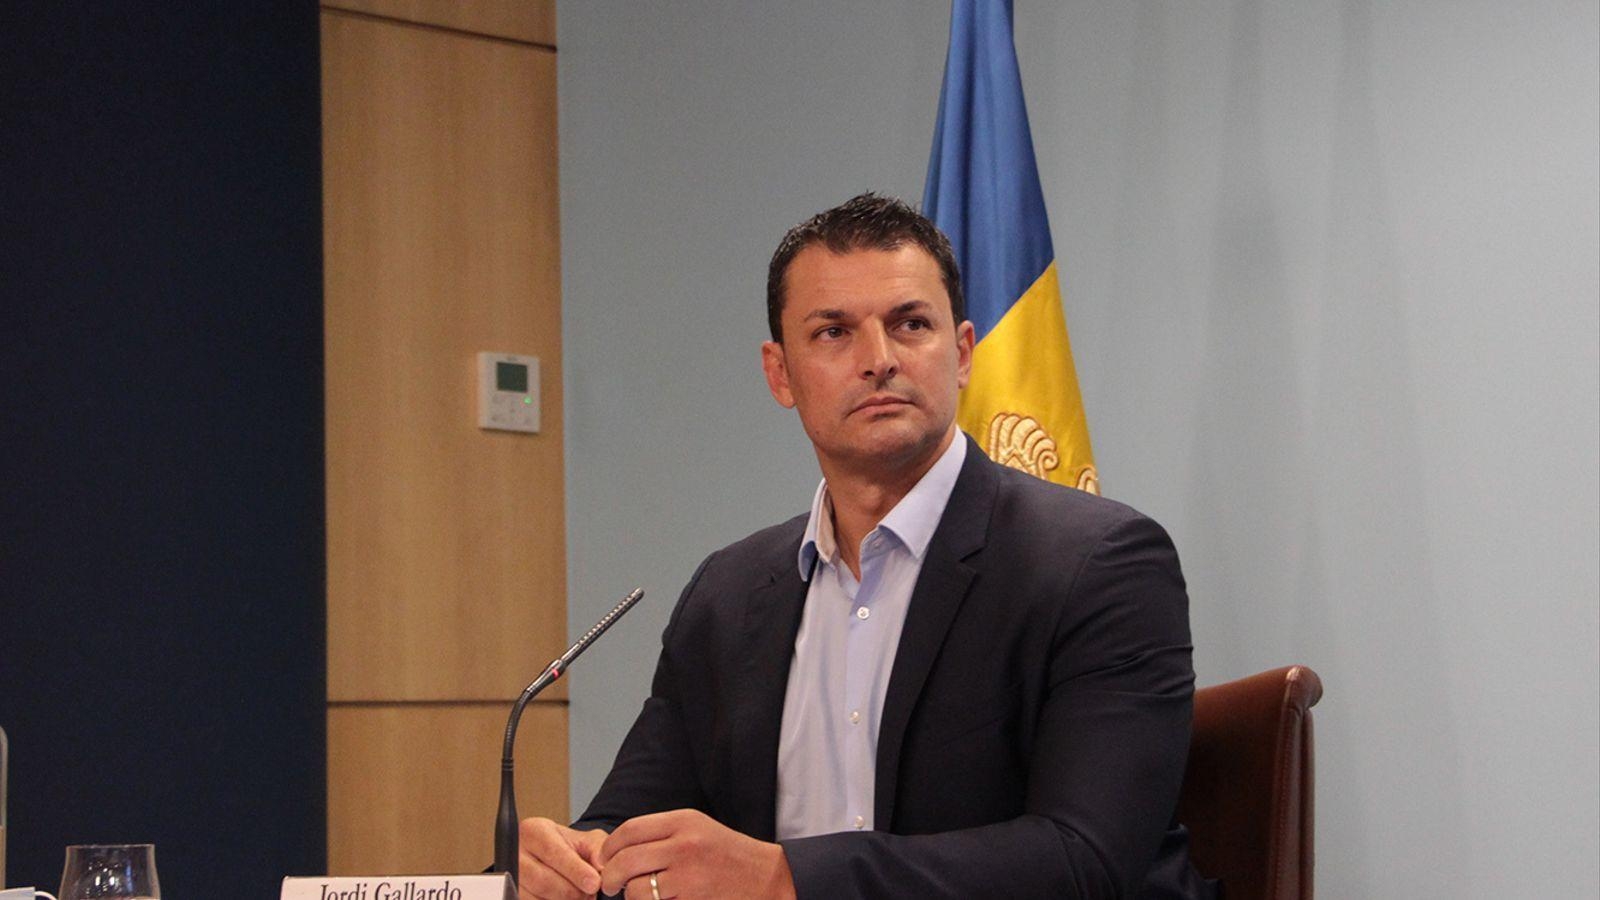 Jordi Gallardo, Ministre de Presidència, Economia i Empresa Govern d'Andorra